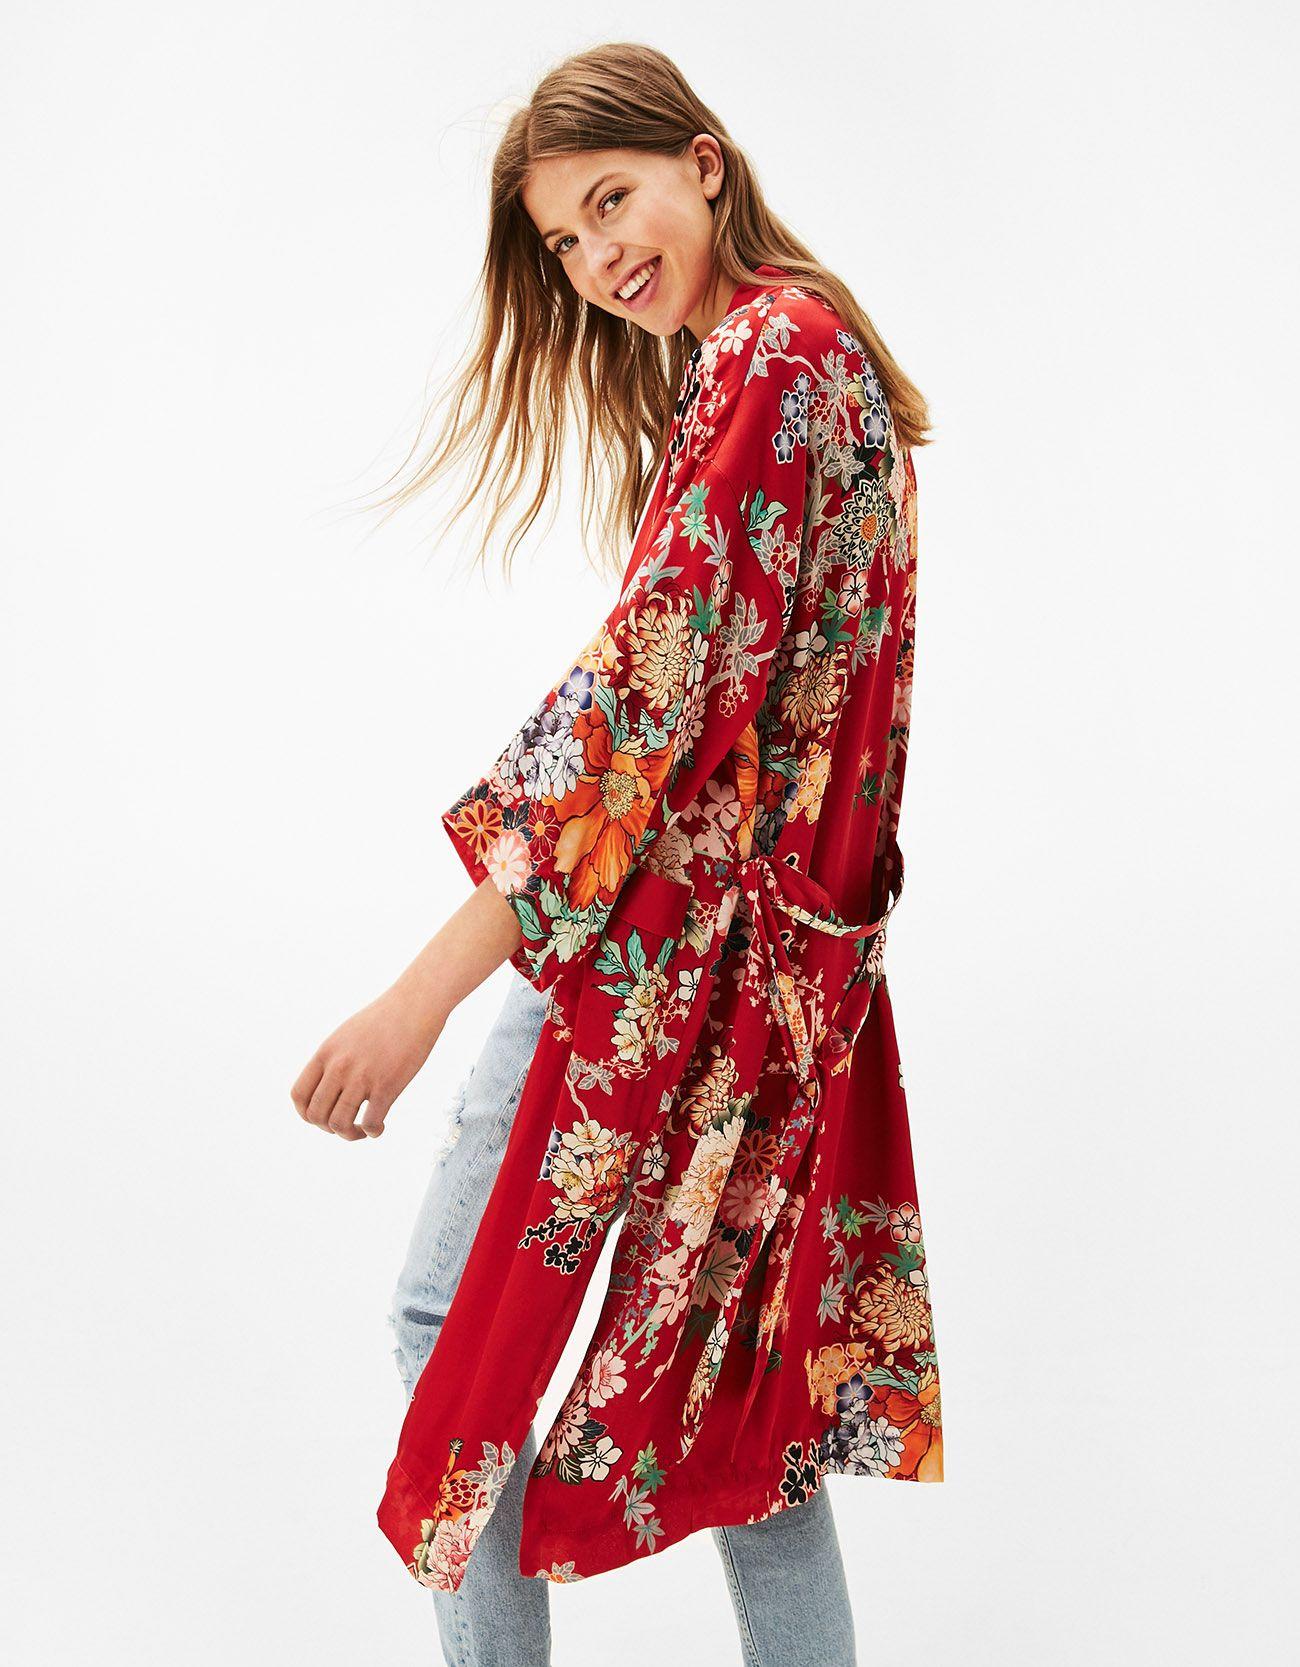 f0e2f6f6b Kimono largo estampado oriental. Descubre ésta y muchas otras prendas en  Bershka con nuevos productos